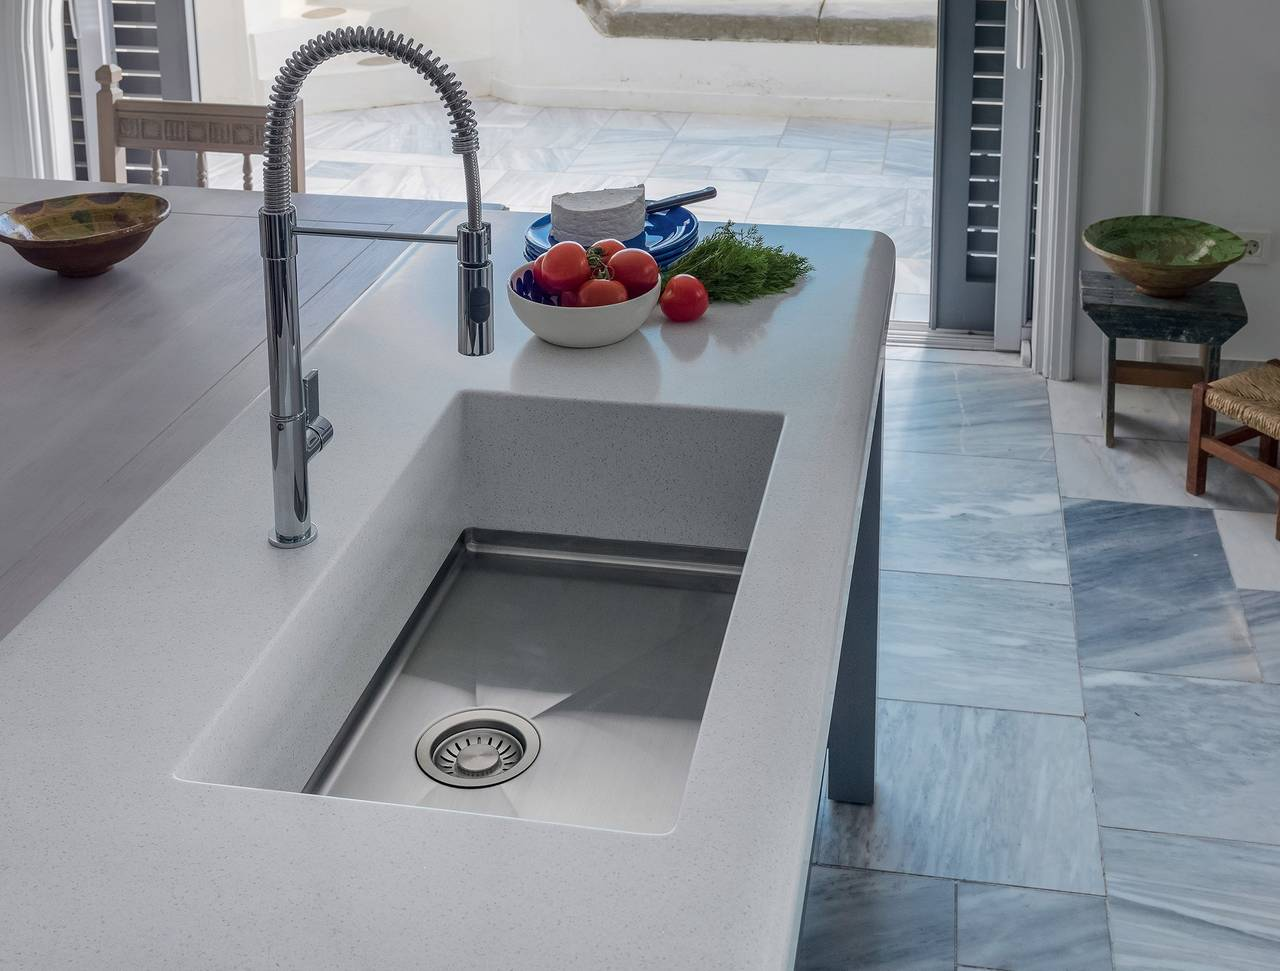 Lavello Cucina Una Vasca Grande i nuovi piani di lavoro su misura firmati franke